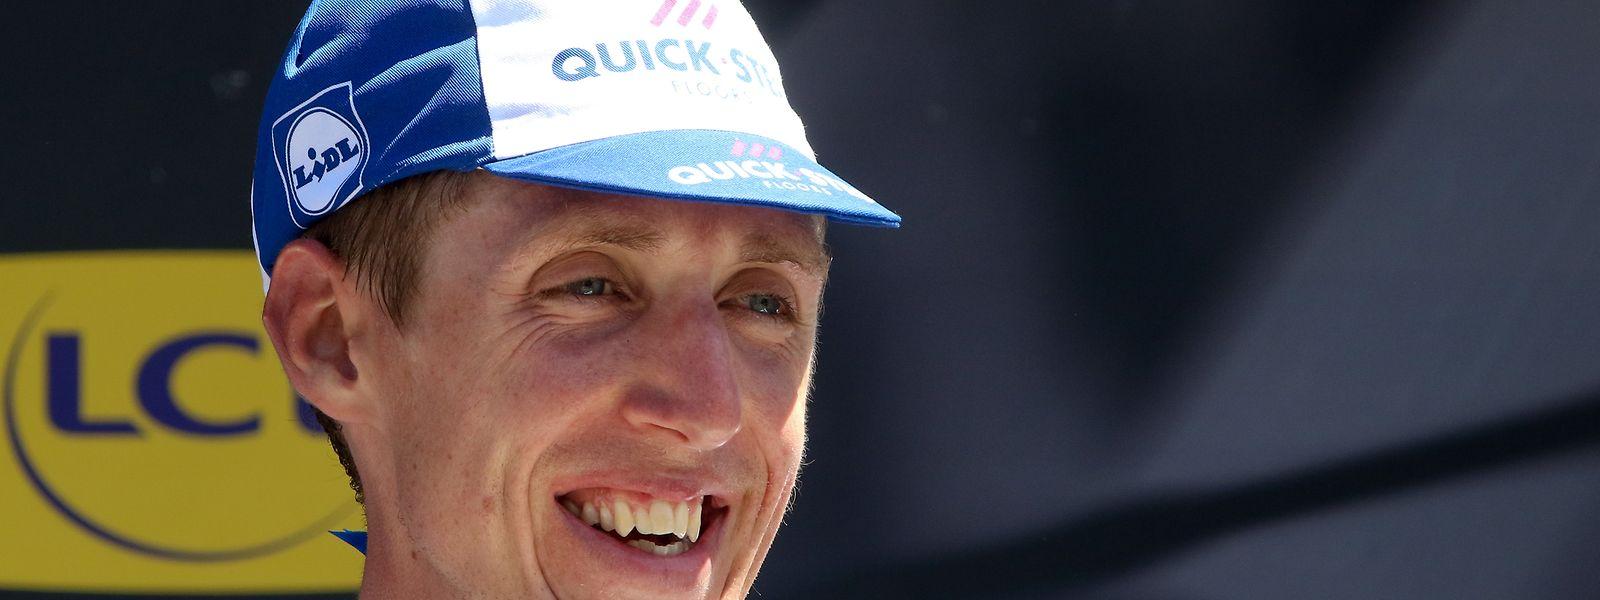 Daniel Martin fuhr zwei Jahre für Quick-Step.